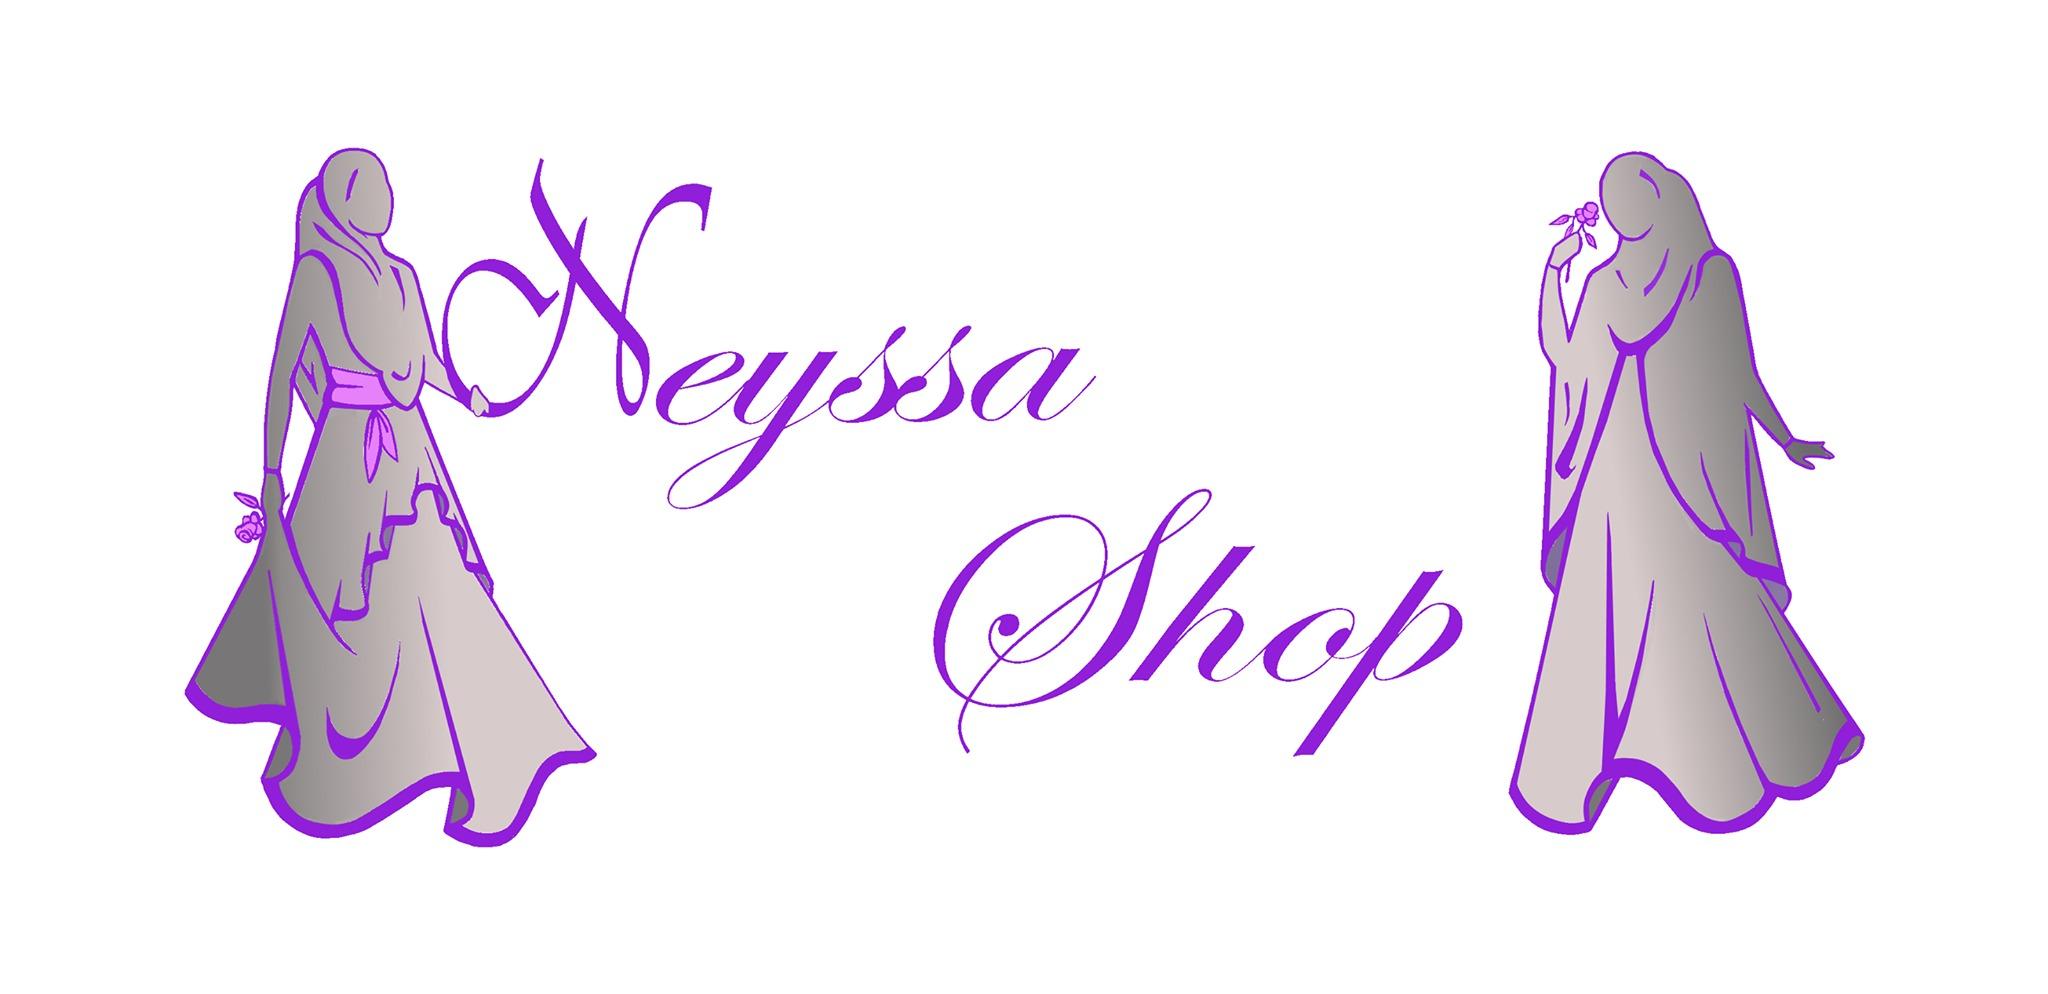 Neyssa shop : Pudeur et élégance pour toutes les femmes